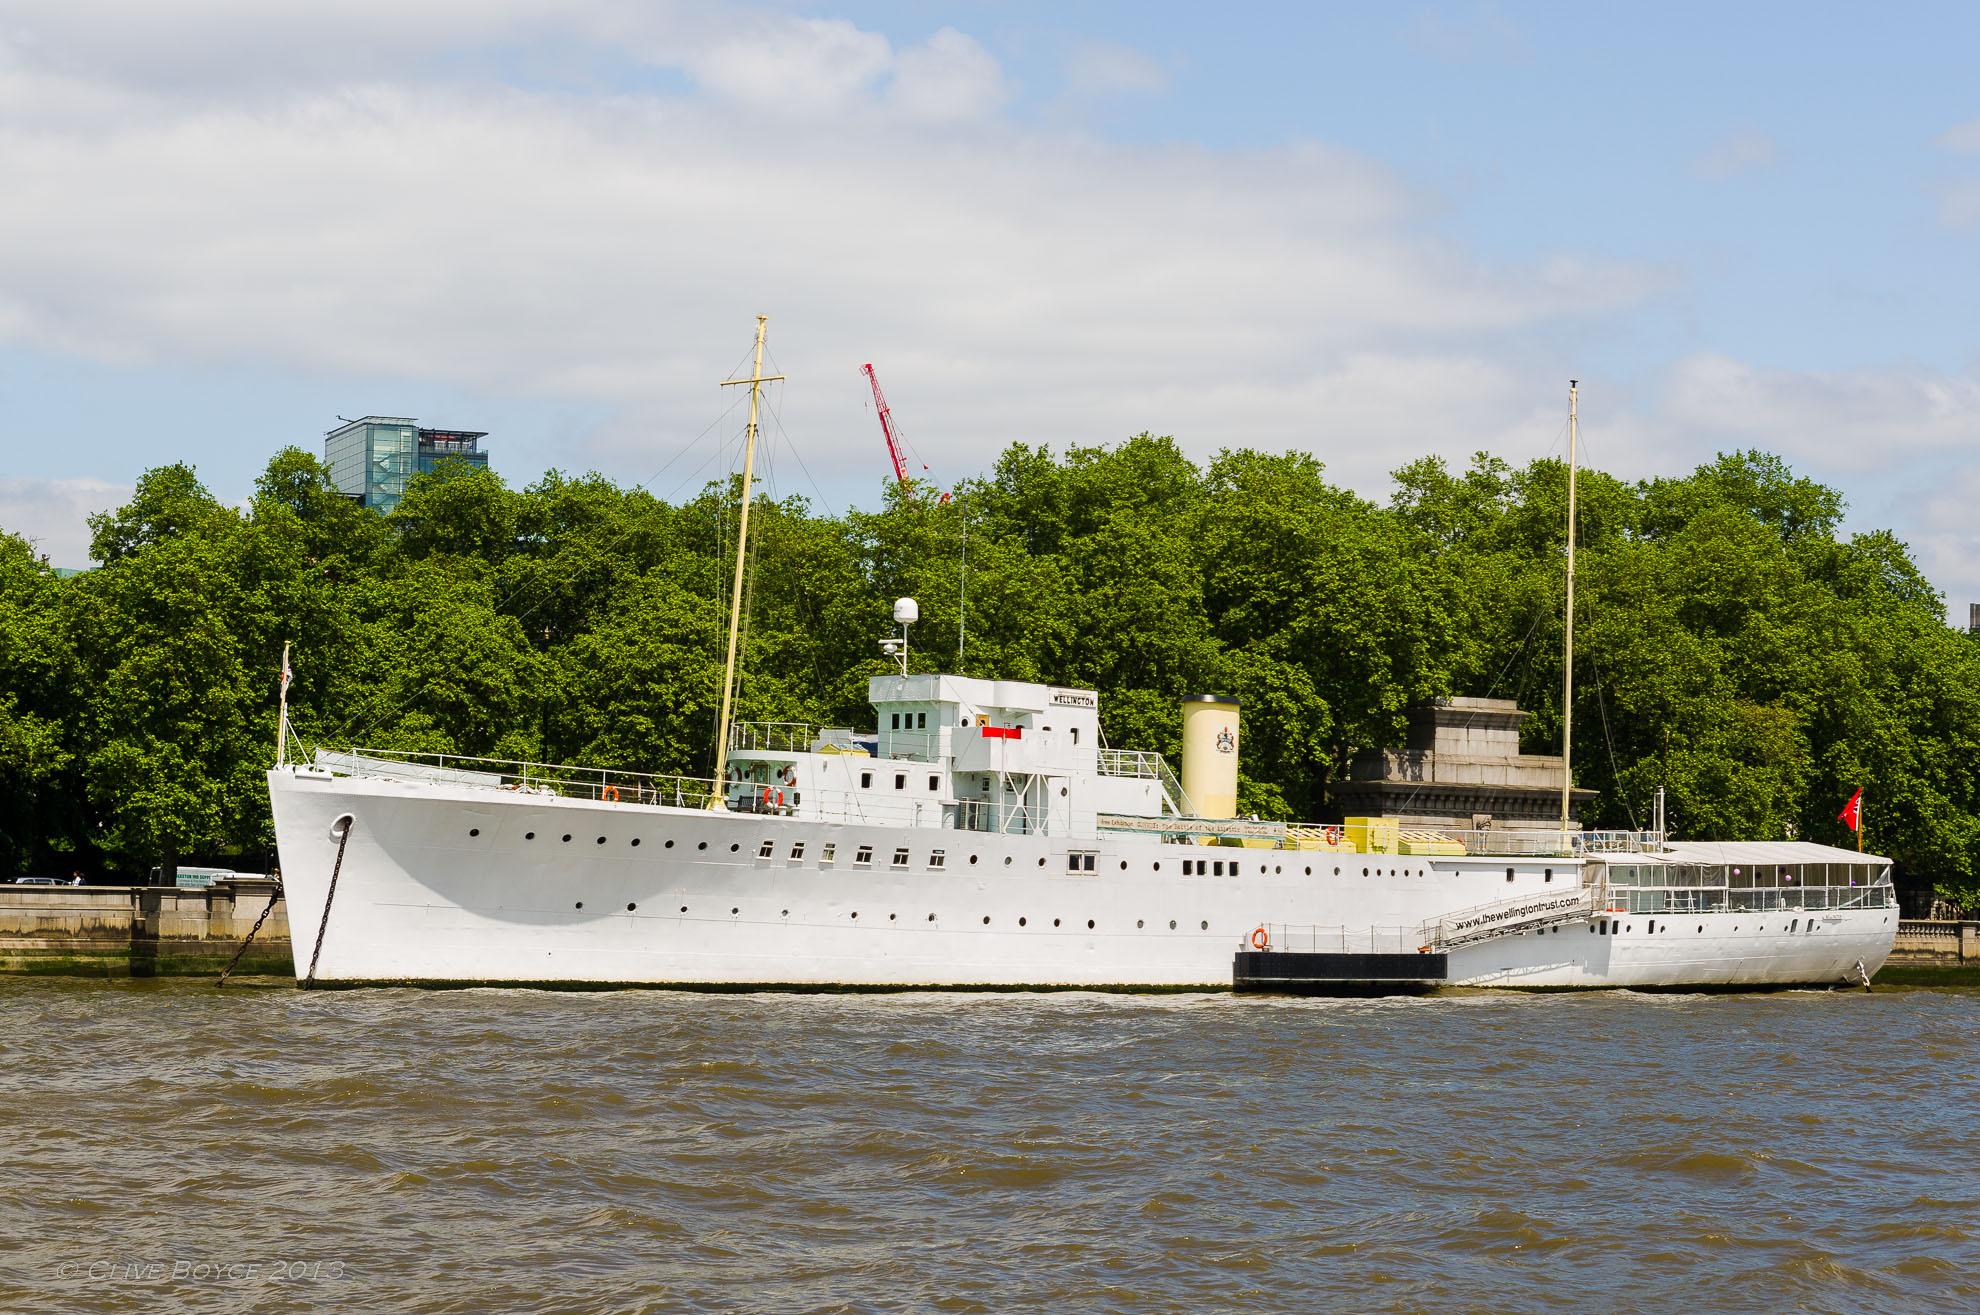 HMS Wellington